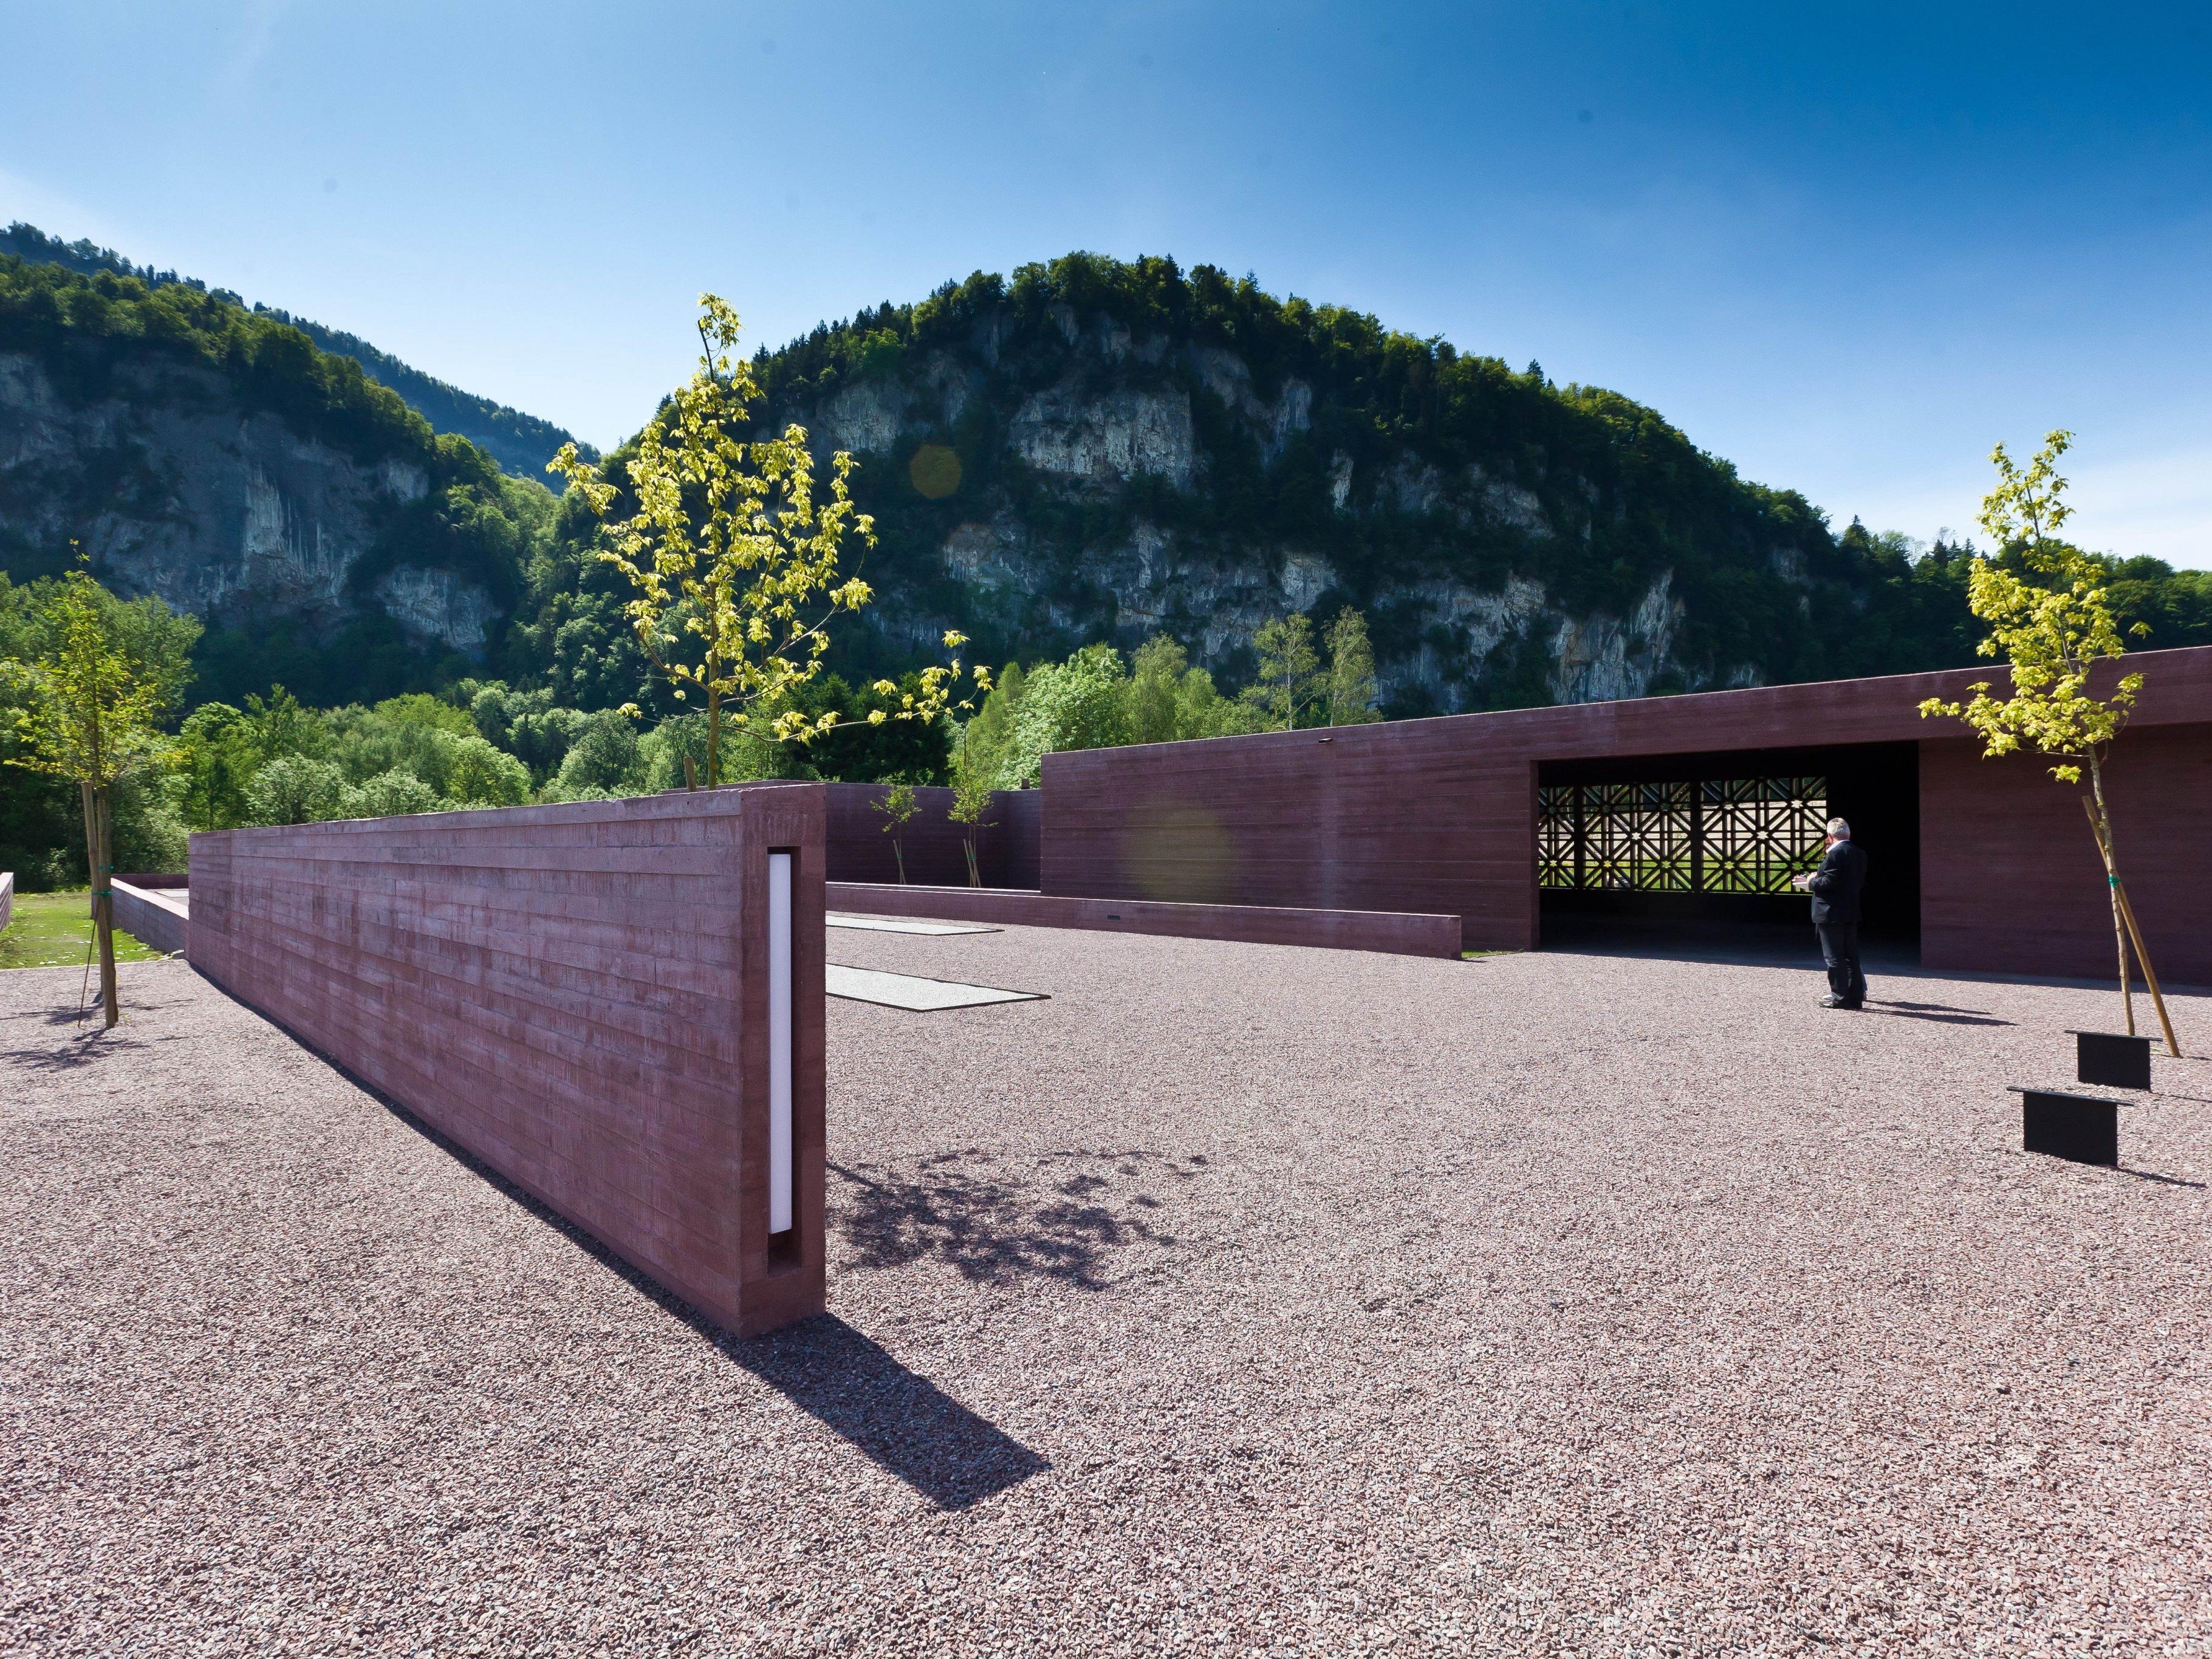 Die preisgekrönte Anlage besteht aus fünf von niedrigen Mauern begrenzten Grabfeldern mit 728 Gräbern.